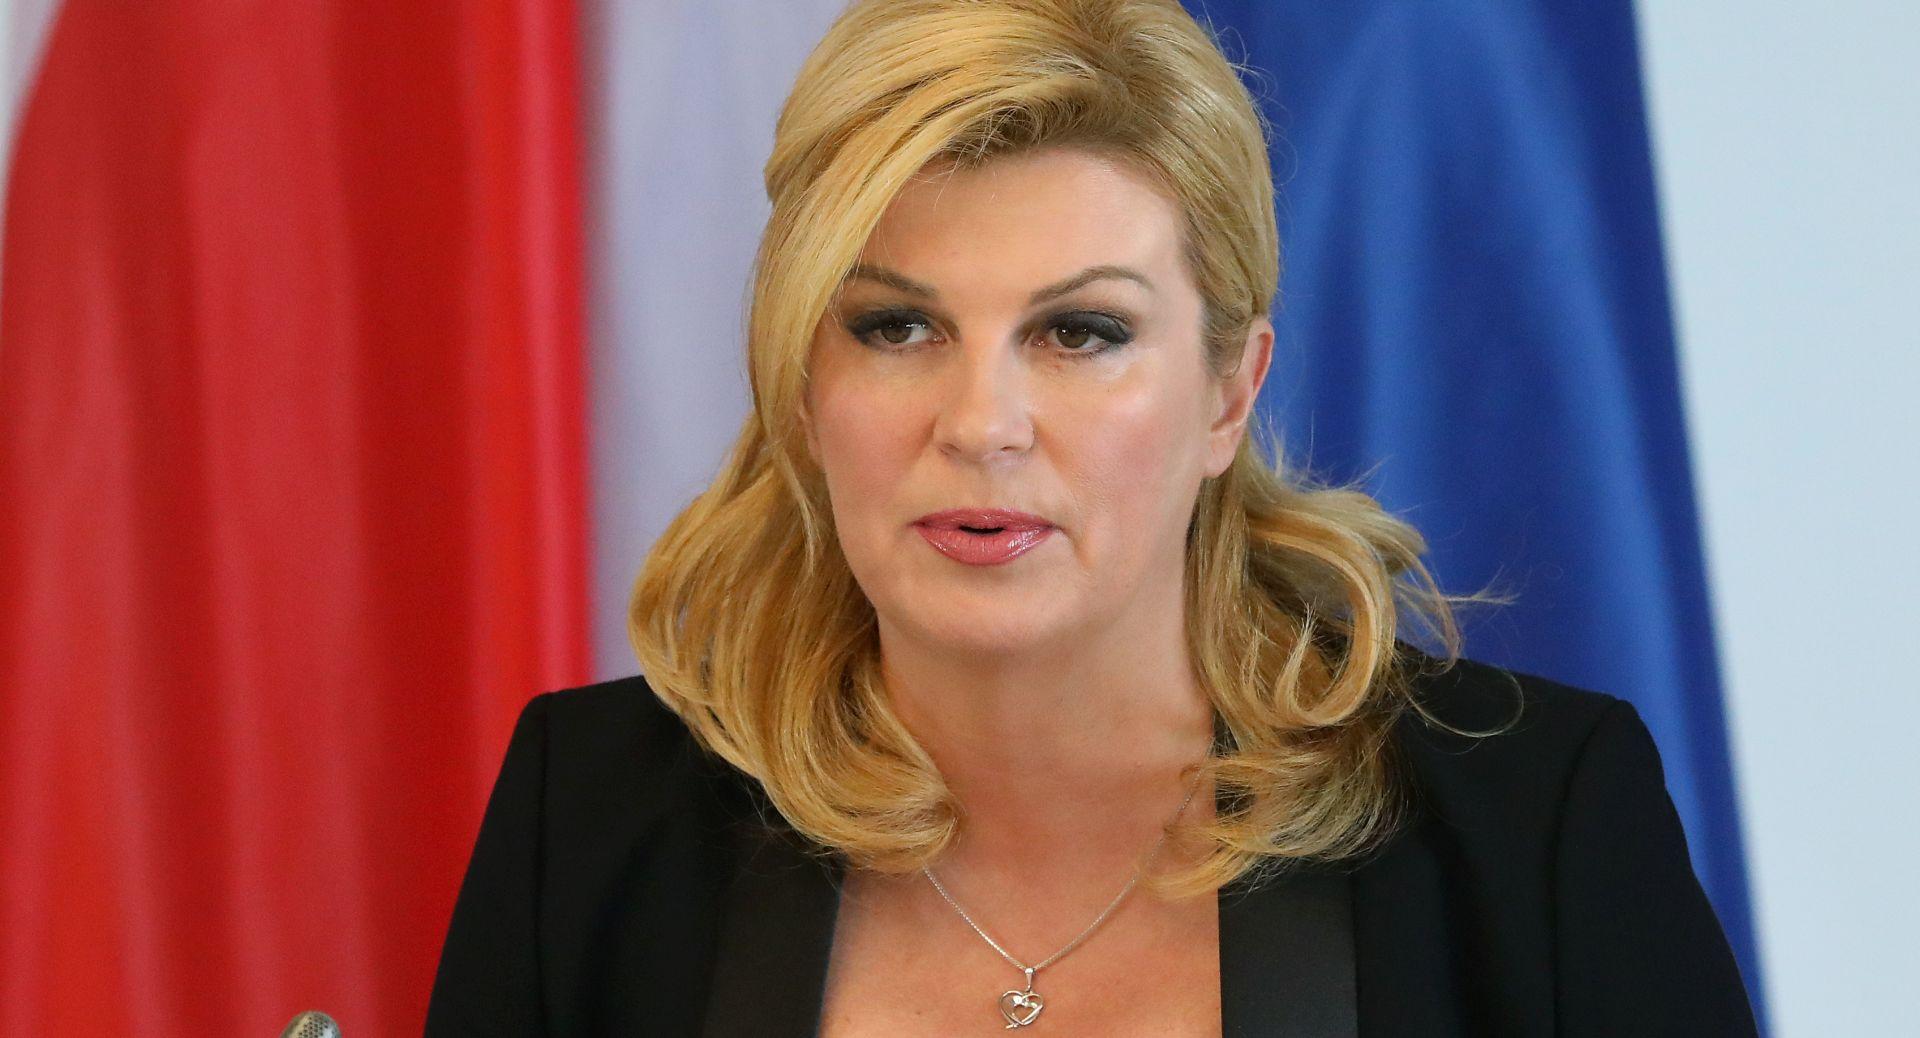 CRO DEMOSKOP: HDZ i dalje u vodstvu, predsjednica najpoztivnija političarka nakon 10 mjeseci